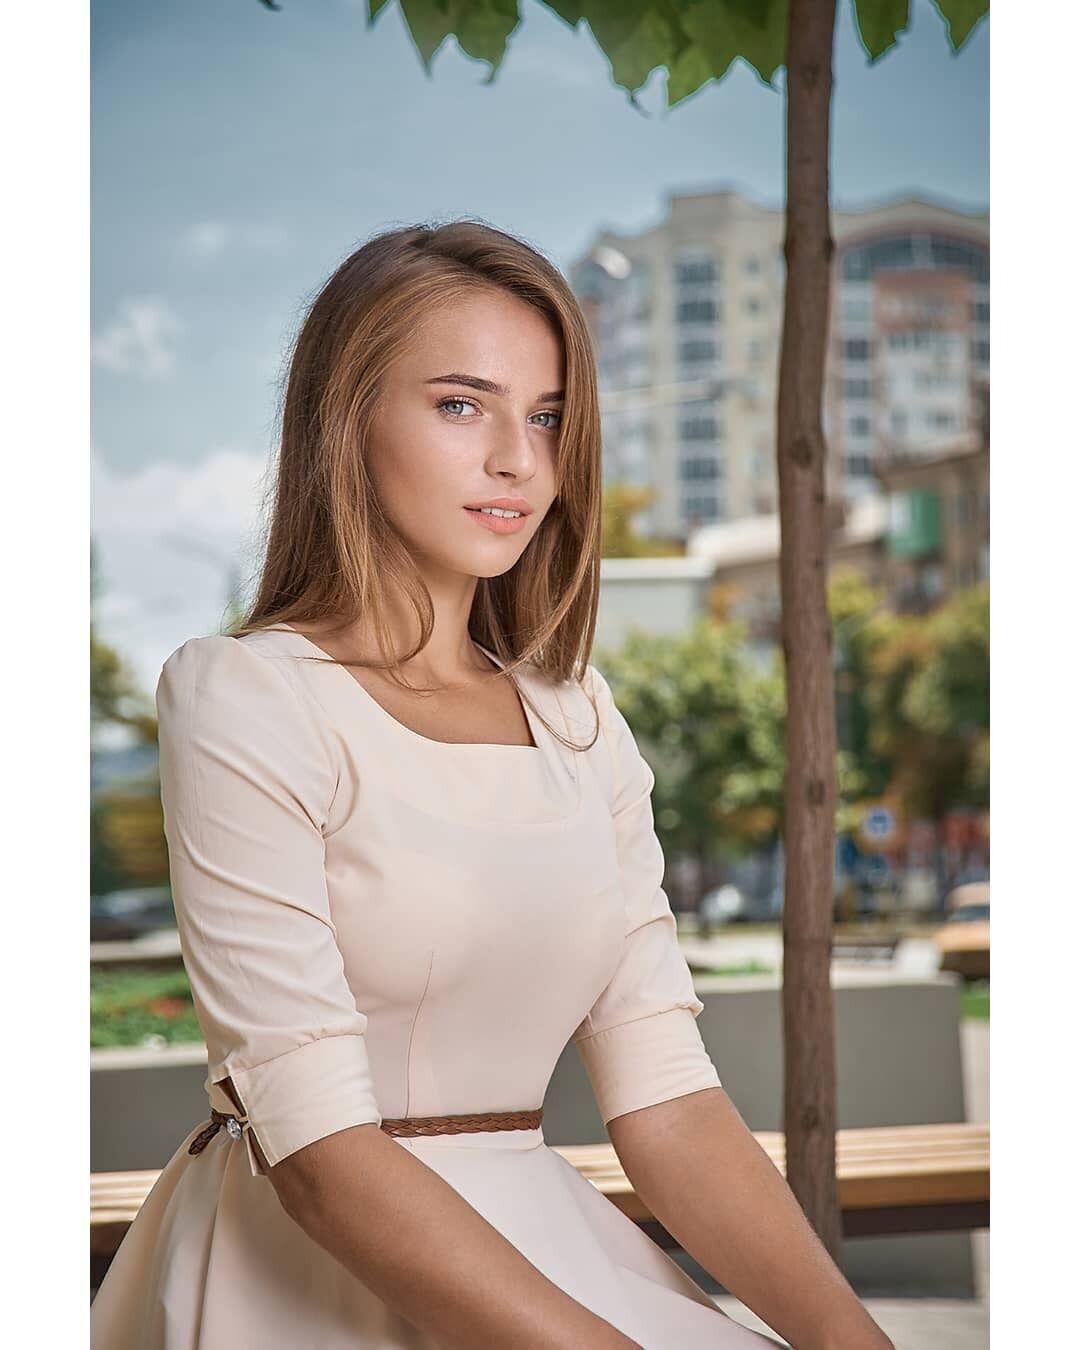 Марина Скамарохова в білій сукні